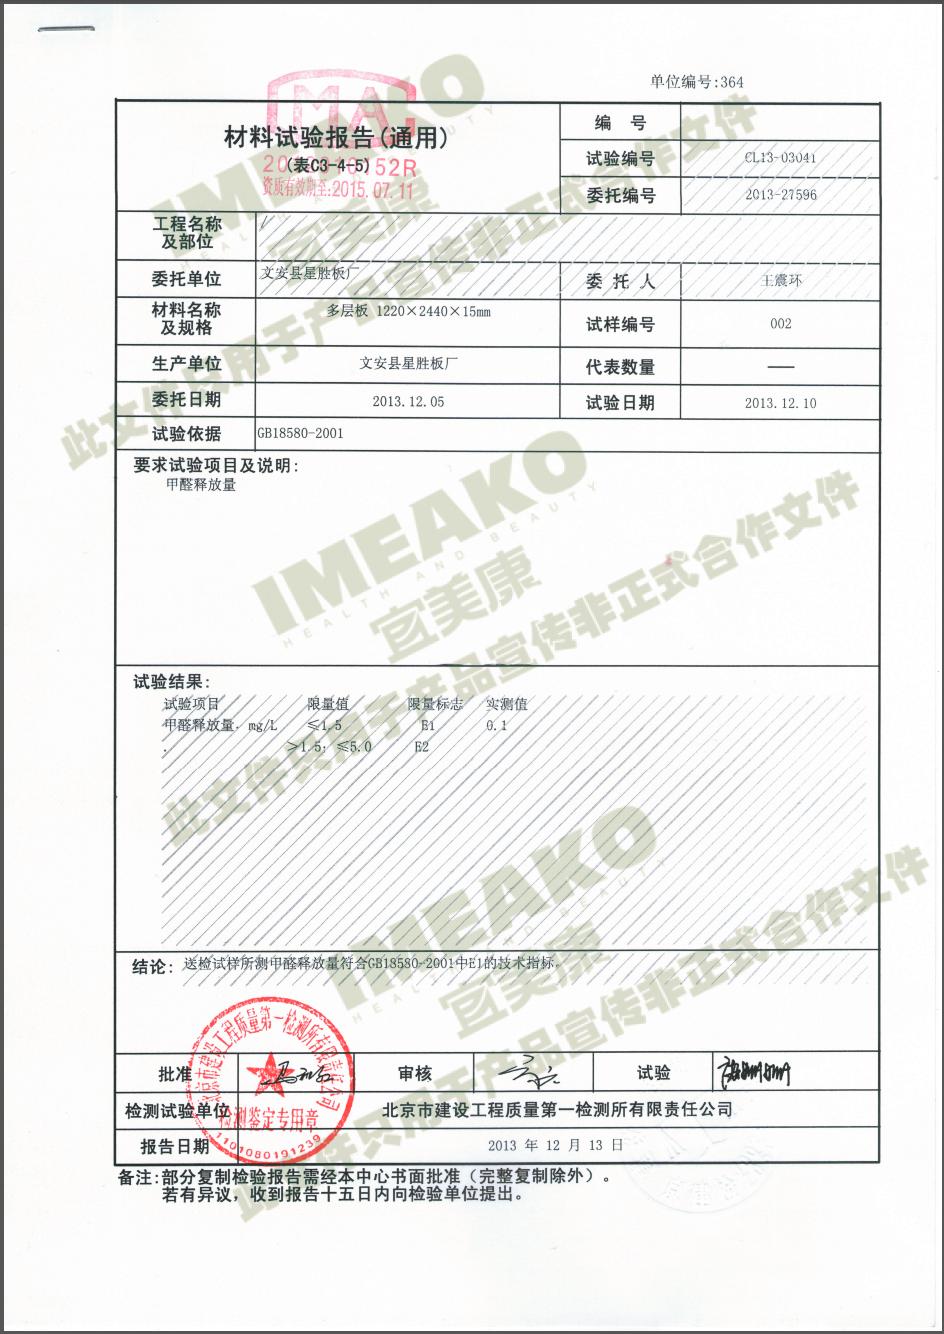 2013-12-13北京建设工程质量第一检测所有限责任公司15MM